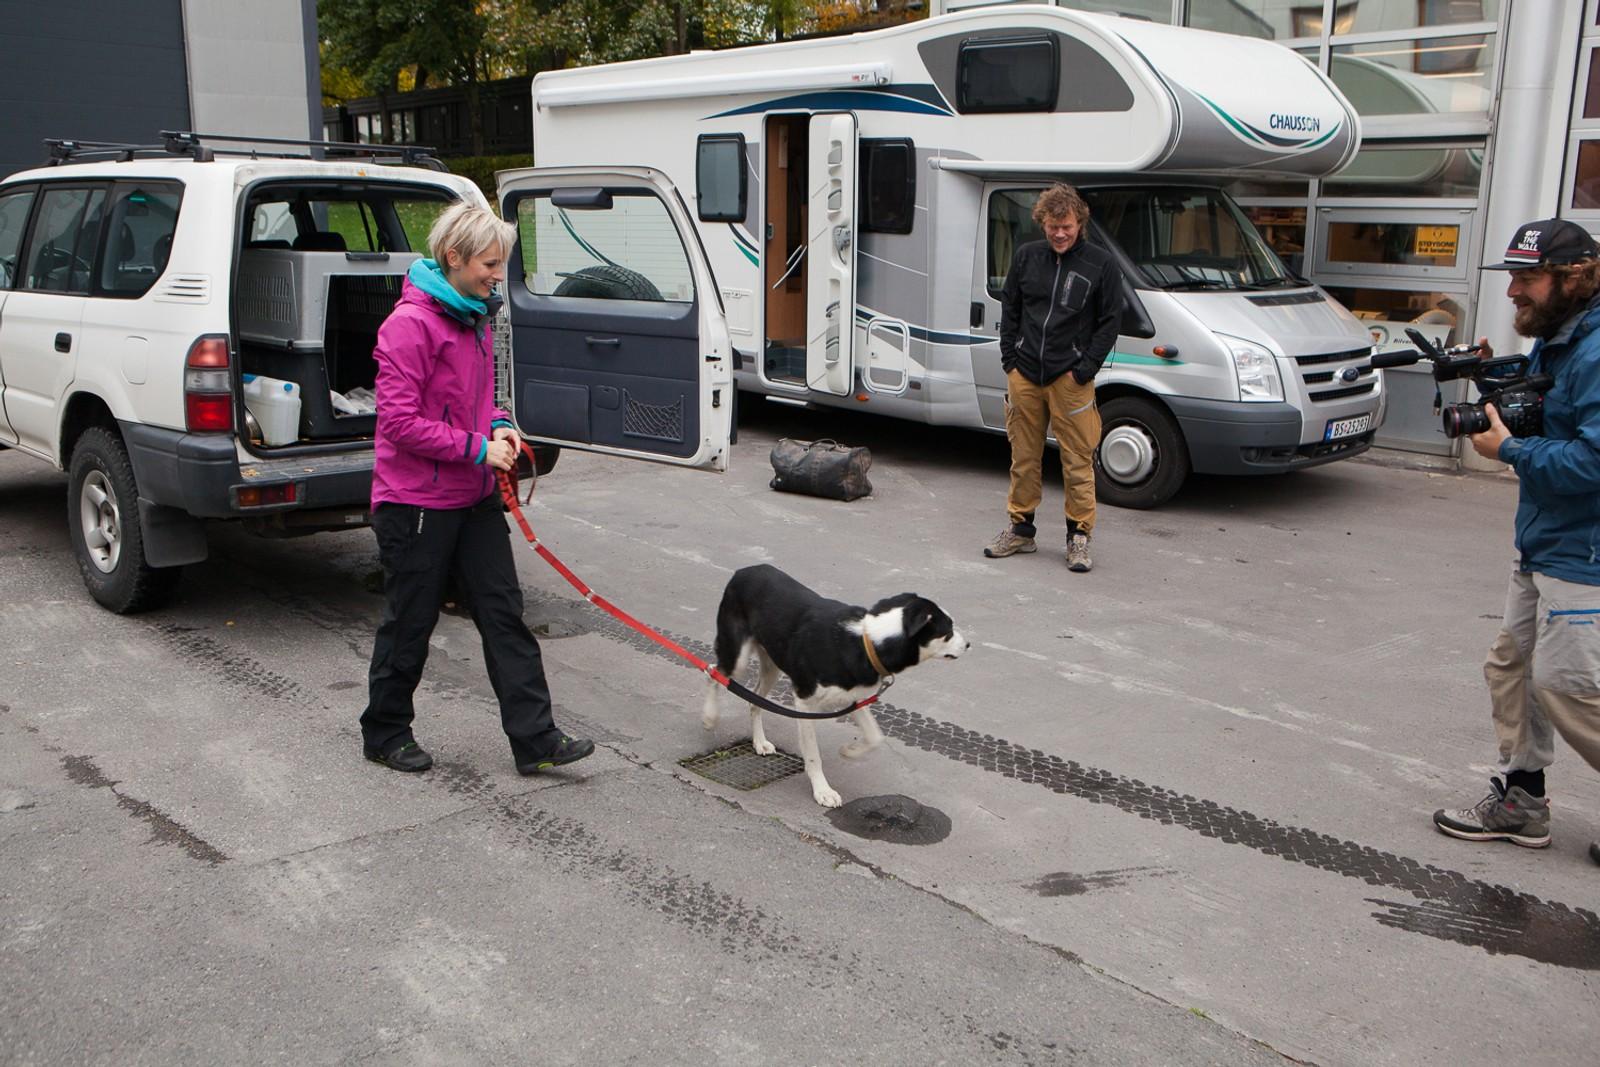 Etter månder med detaljert planlegging starter Monsen på villspor-turene hos NRK på Marienlyst i Oslo. Der møtes programleder Anne Rimmen og Lars Monsen, som gjør seg klar for turene han ikke aner hvor han skal.